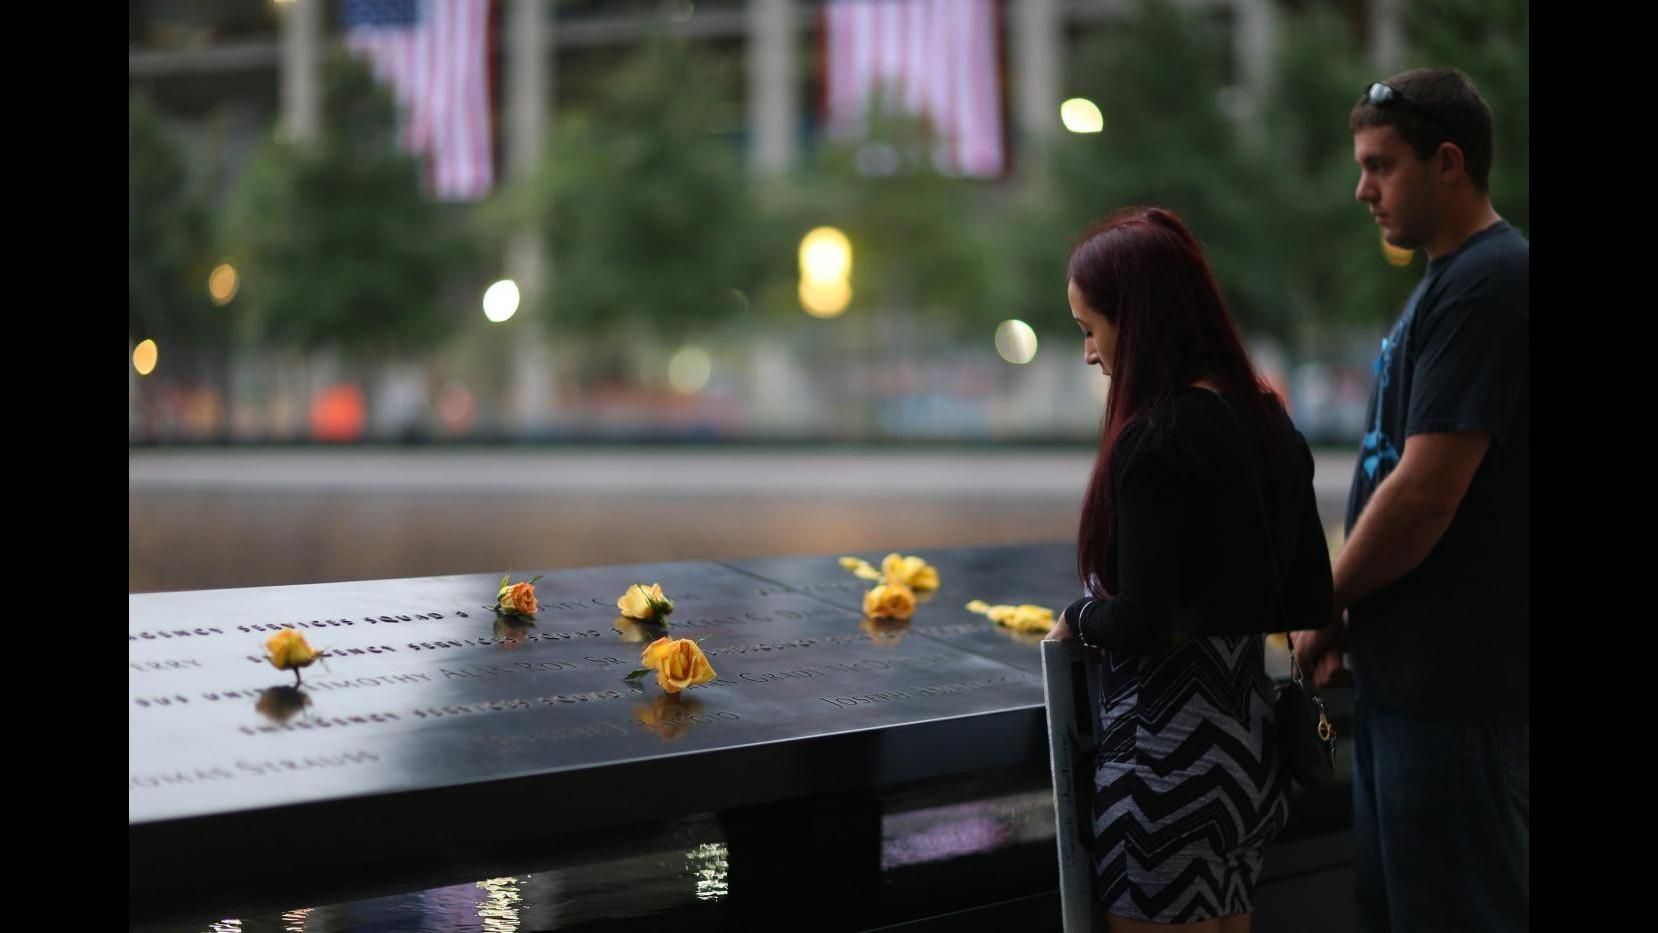 11 settembre, medico legale: Non preparati a orrore di quel giorno